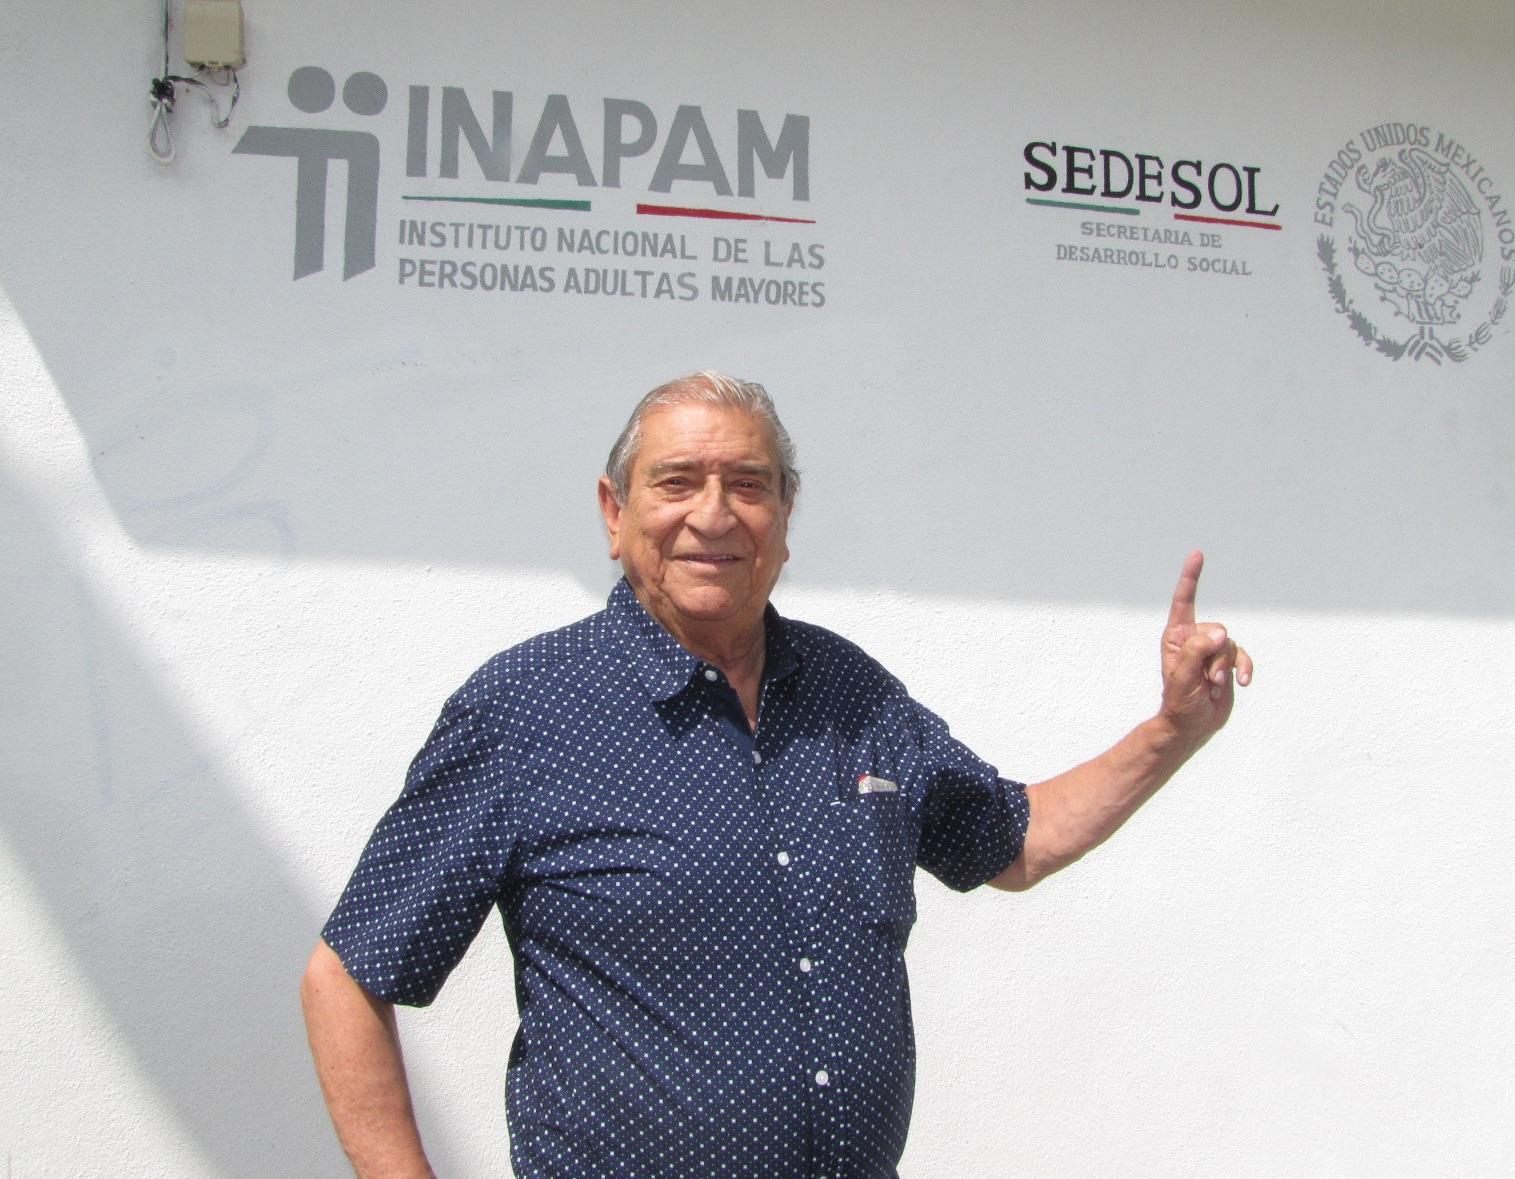 Inapam ofrece como parte de sus servicios Clubes Y Centros Culturales.